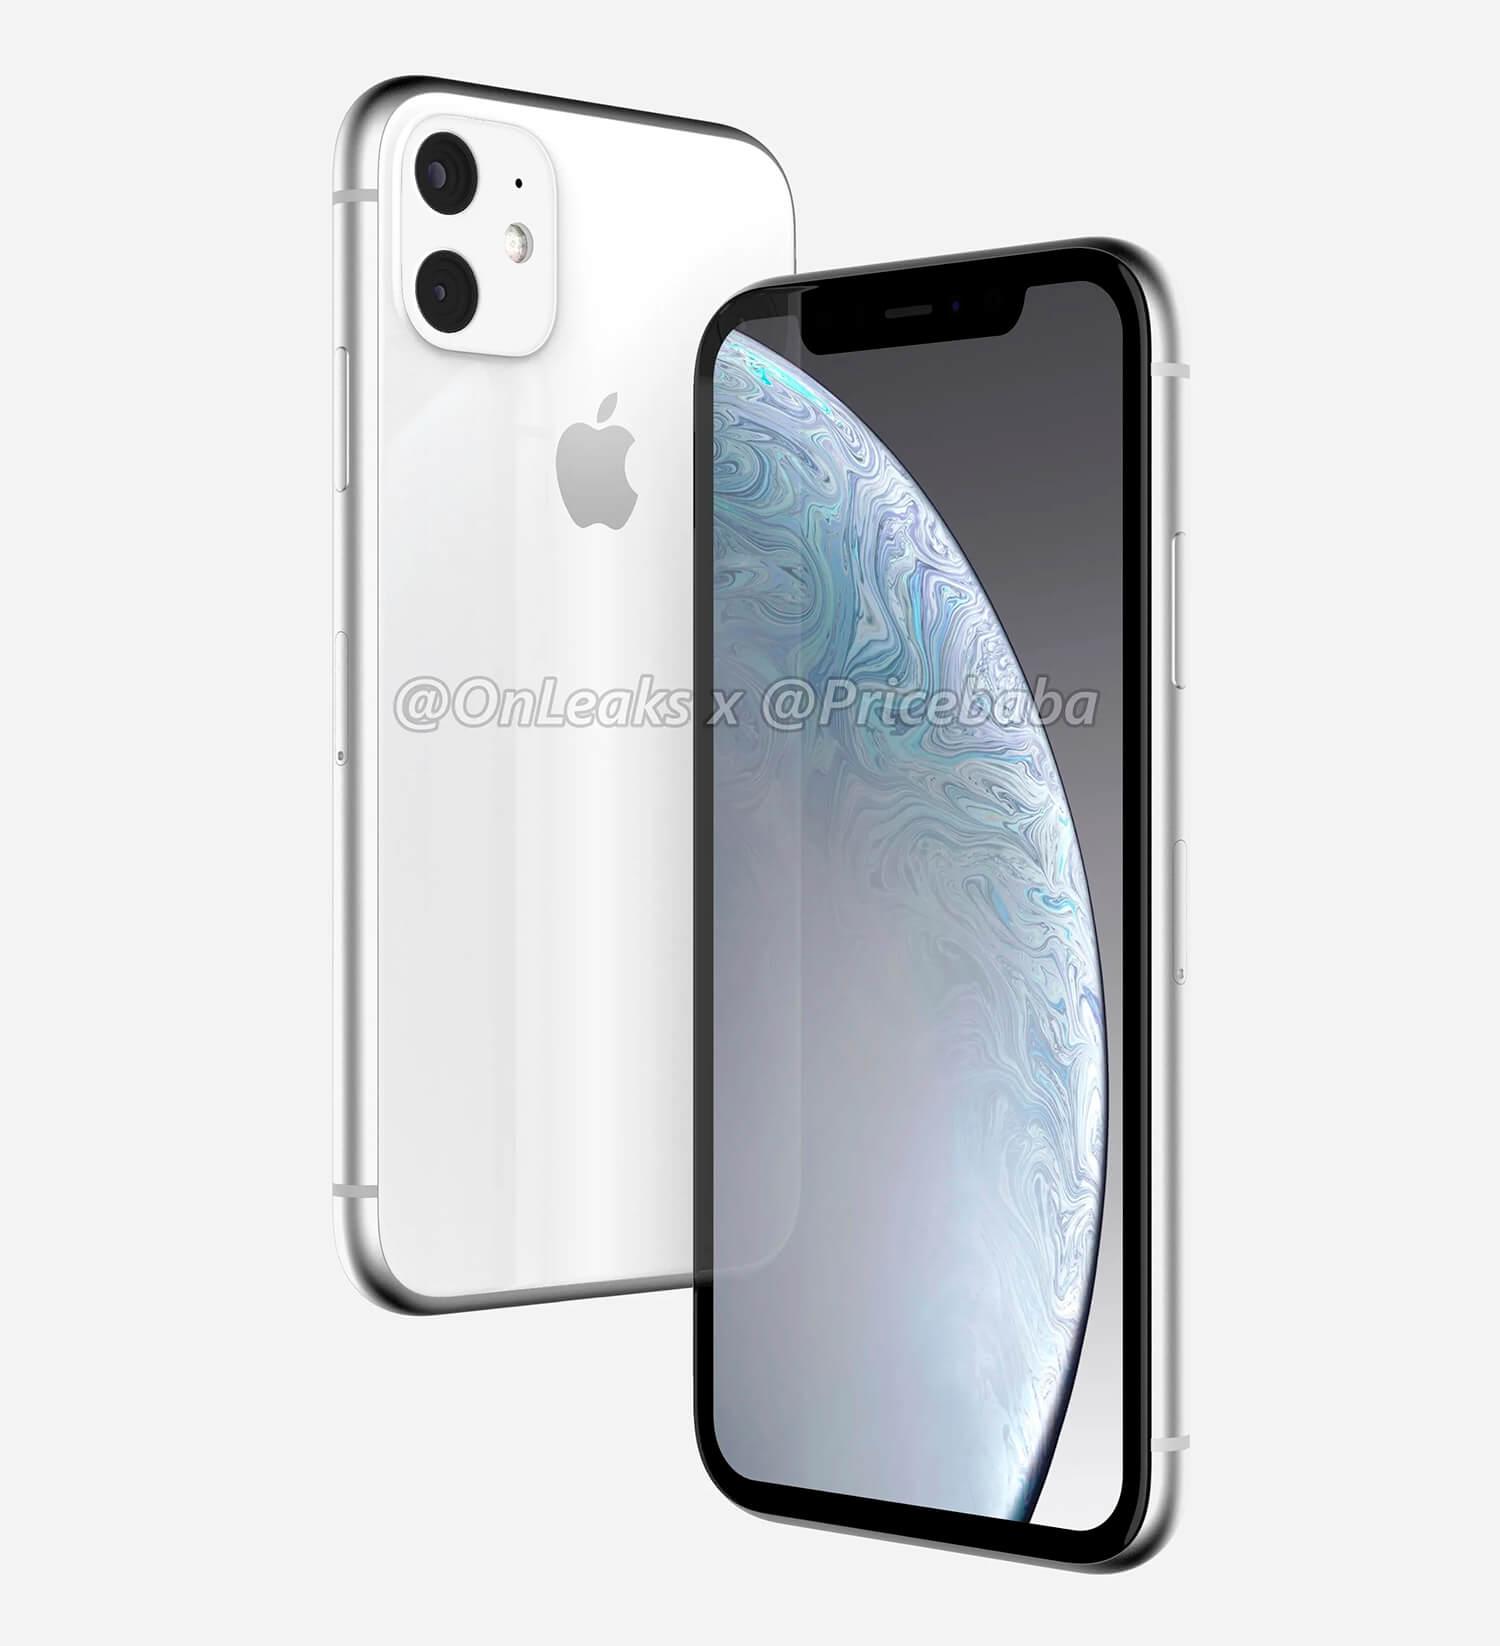 فون XR 2019 الأبيض